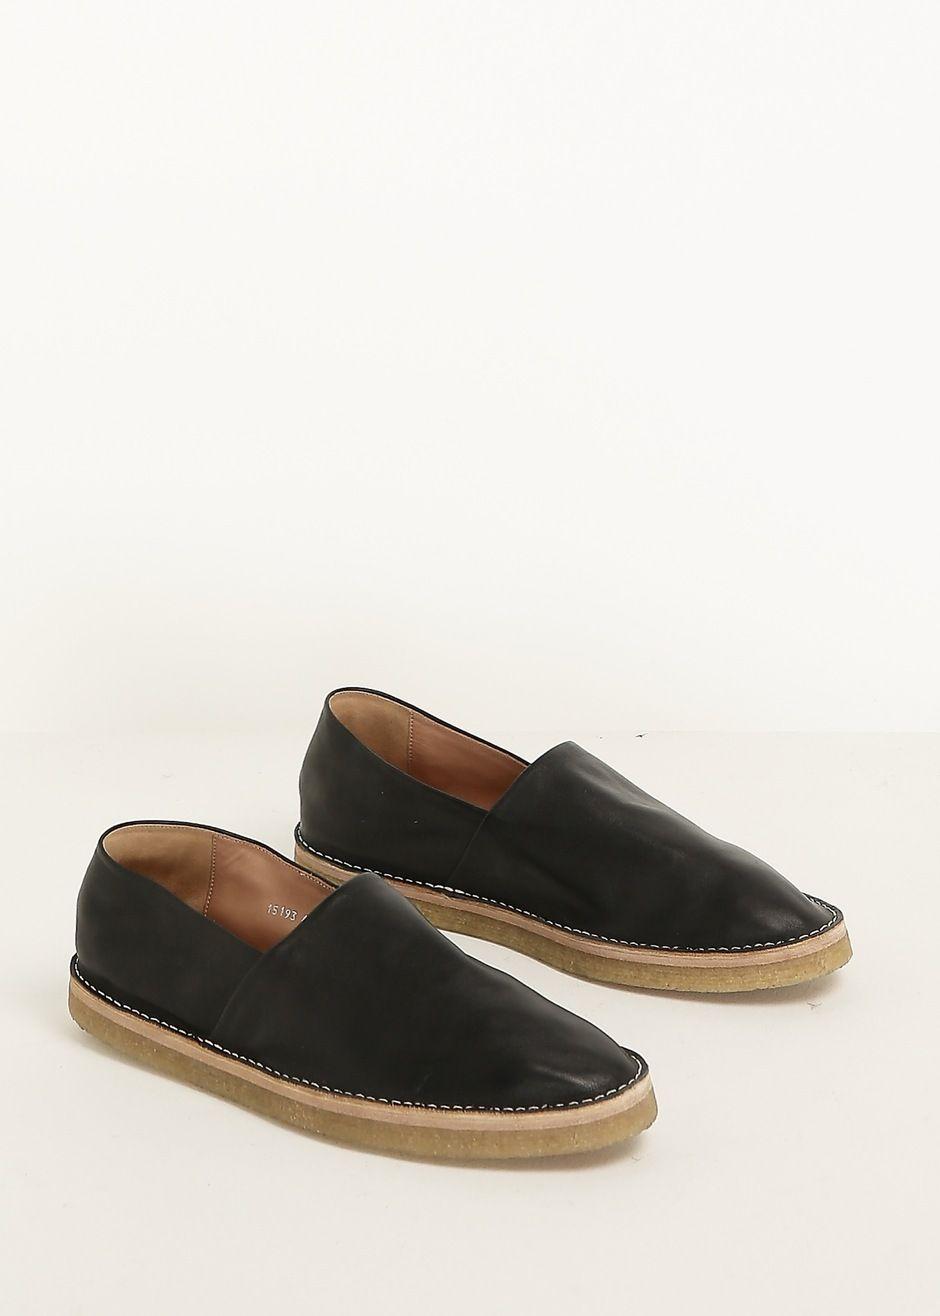 Slip-on metallic leather sneakers Dries Van Noten 4ws4K